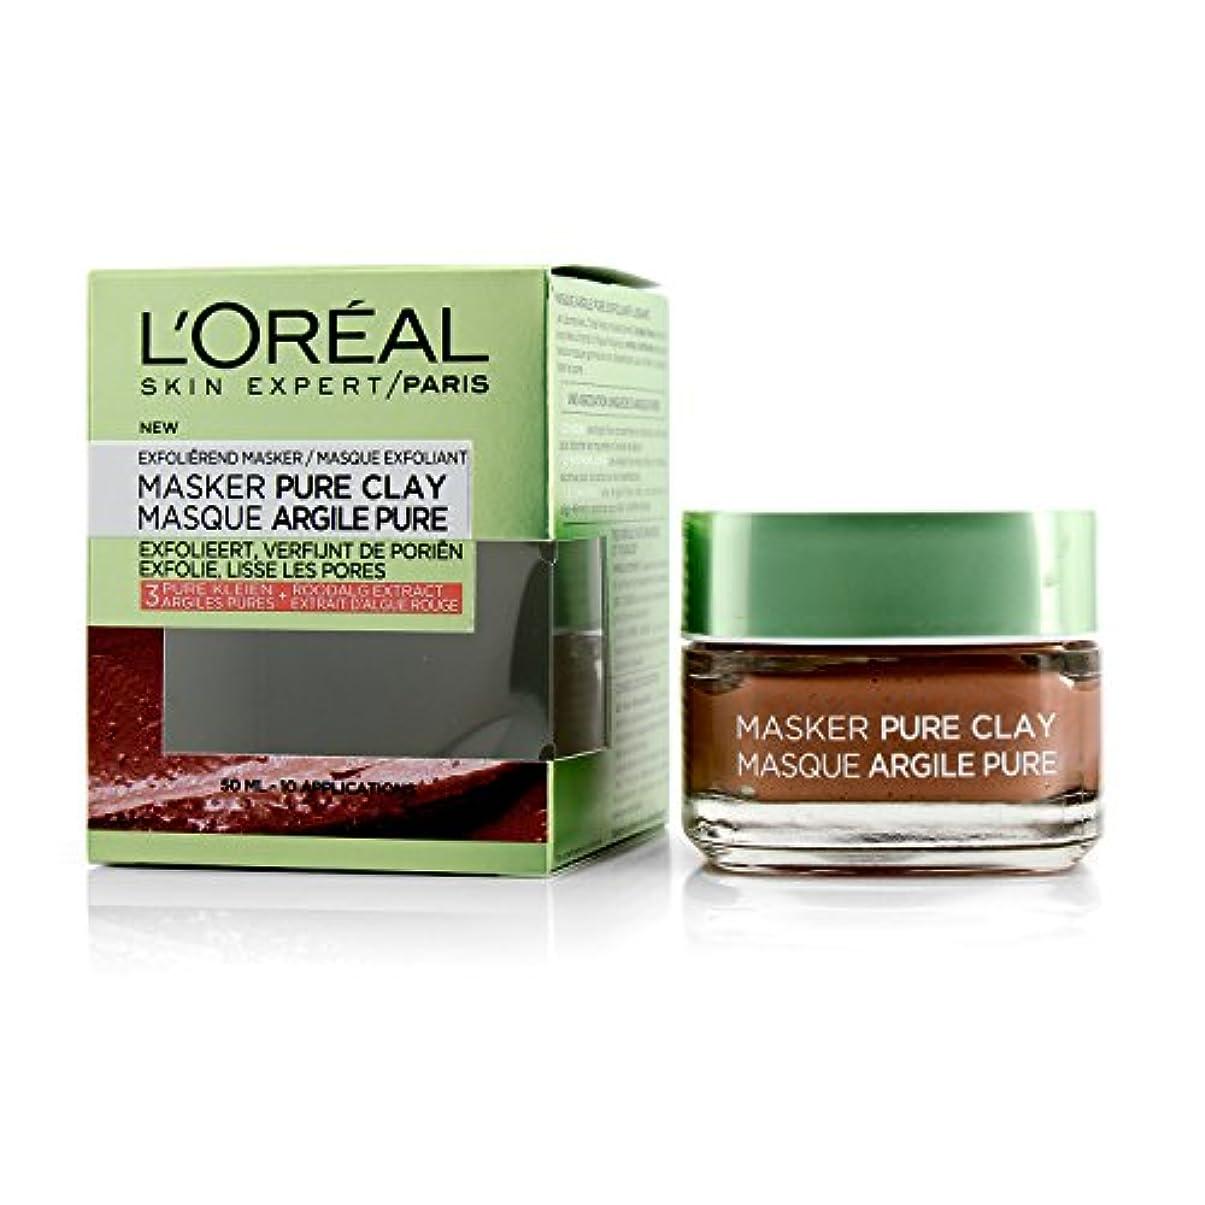 評価バッフル円形ロレアル Skin Expert Pure Clay Mask - Exfoliate & Refine Pores 50ml/1.7oz並行輸入品